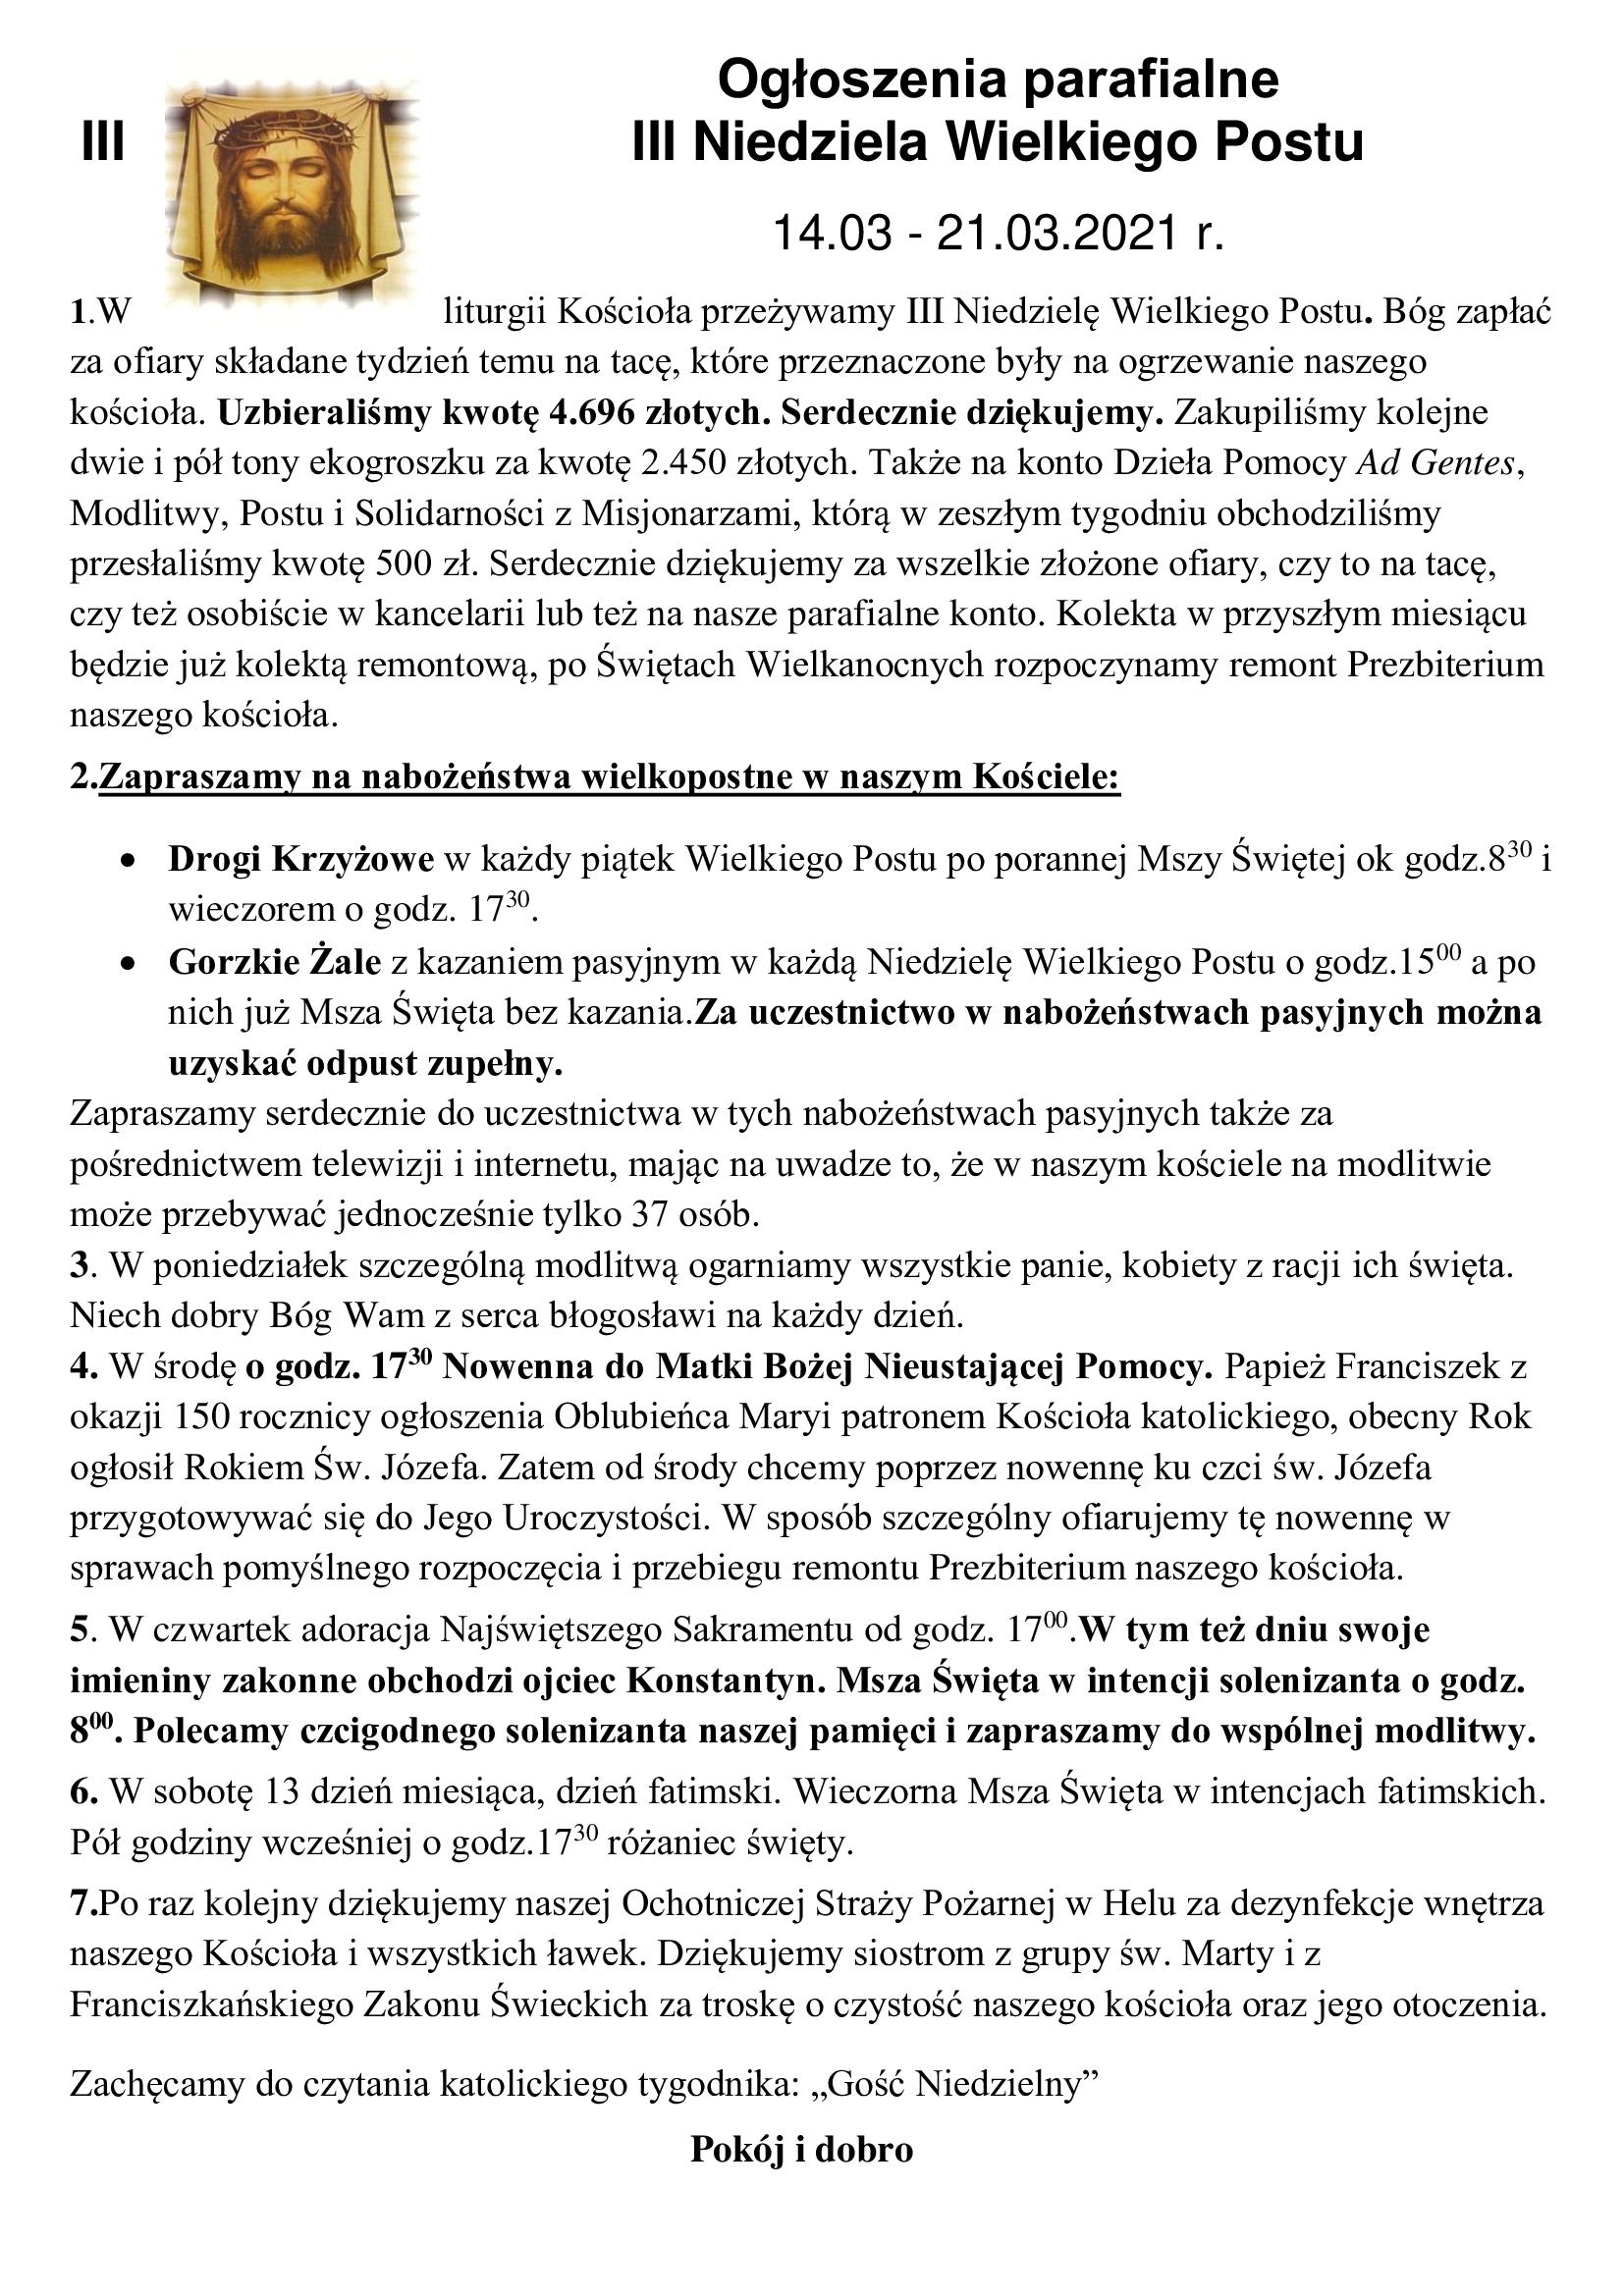 ogloszenia-parafialne-iii-niedziela-wielkiego-postu